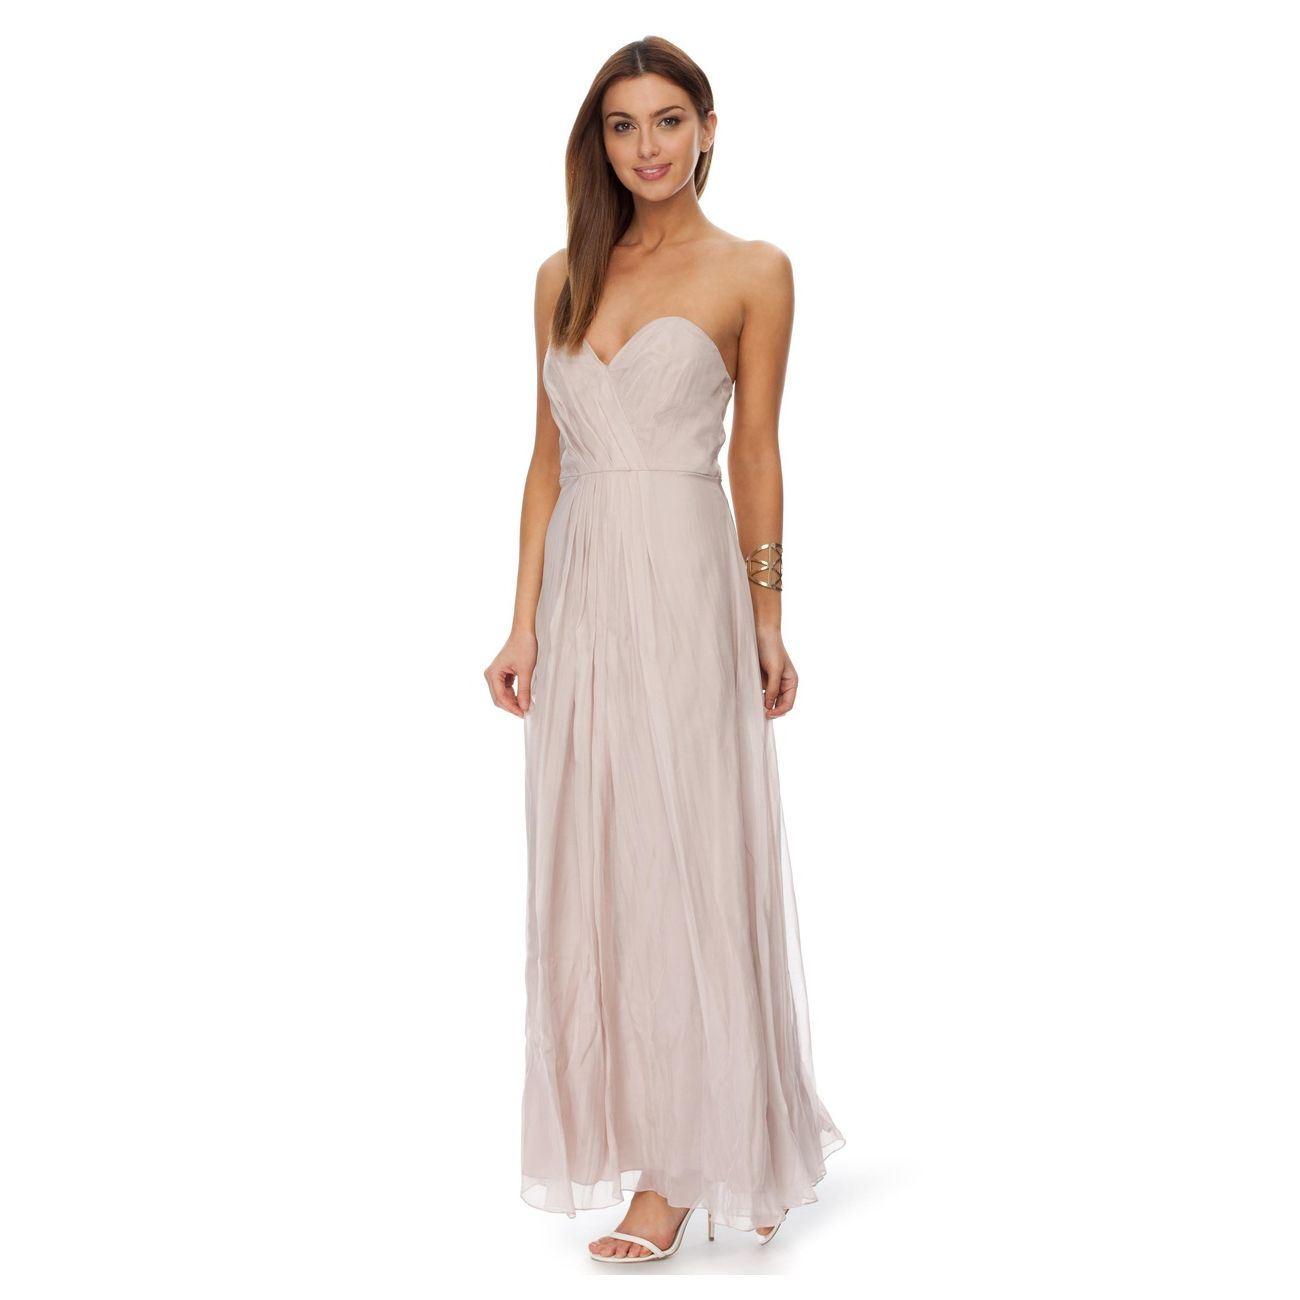 Criado a partir de Chiffon de seda, Maxi Dress apresenta belas pregueamento, feitos a partir de 100% de seda